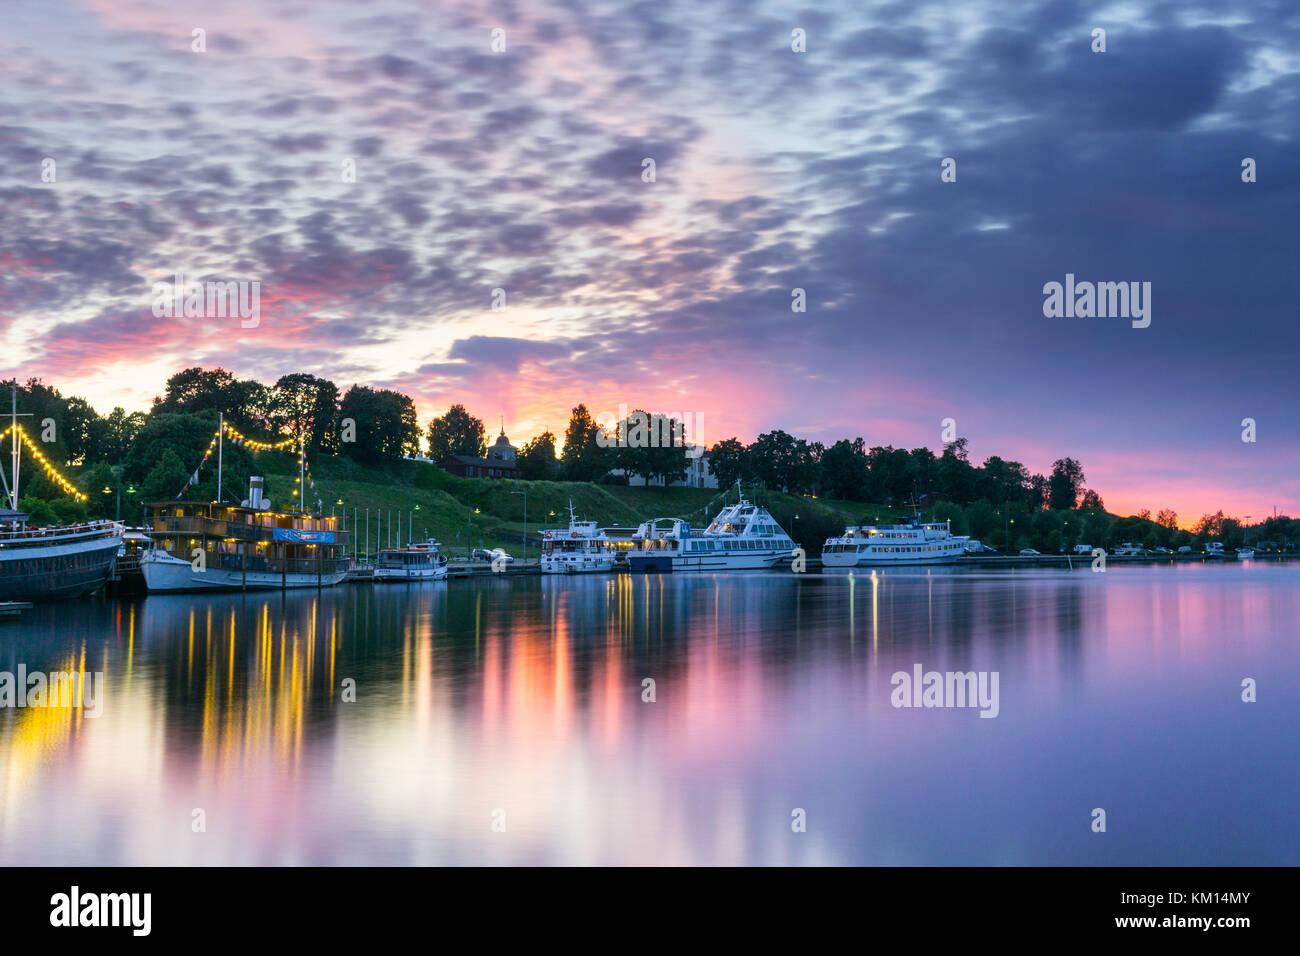 Lappeenrannan satama kesällä - Stock Image